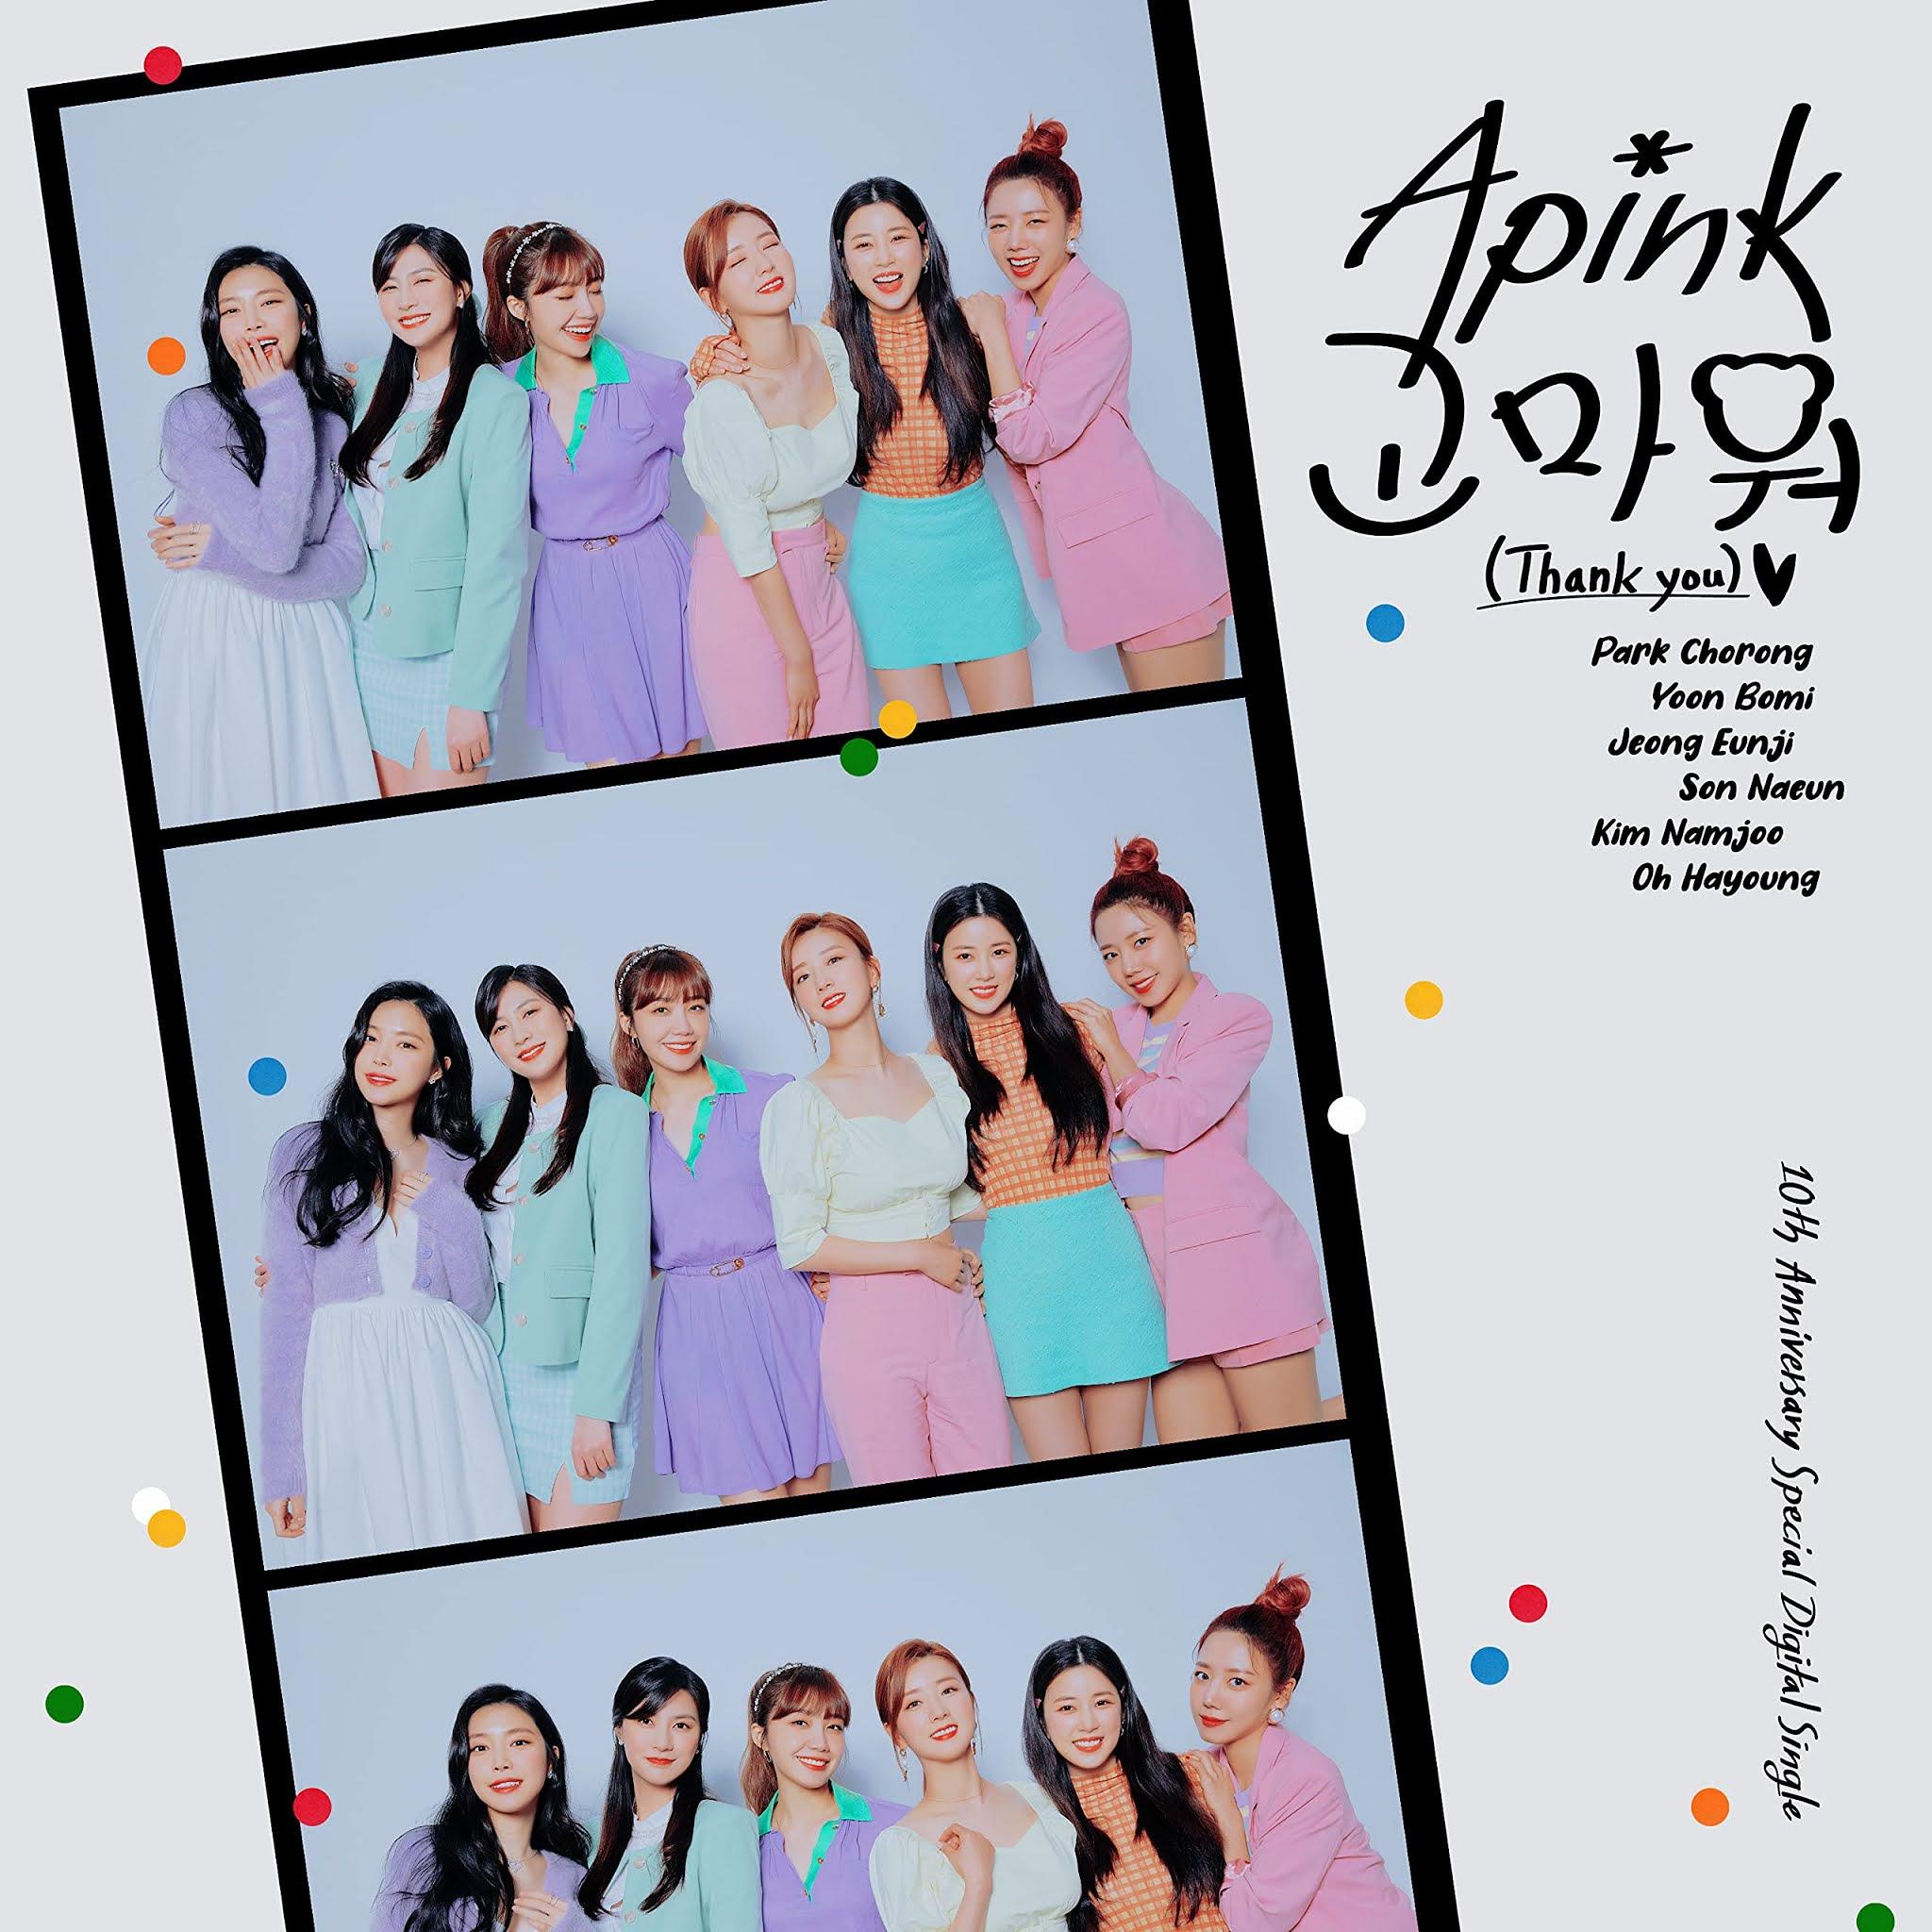 Apink (에이핑크) - Thank you (고마워)